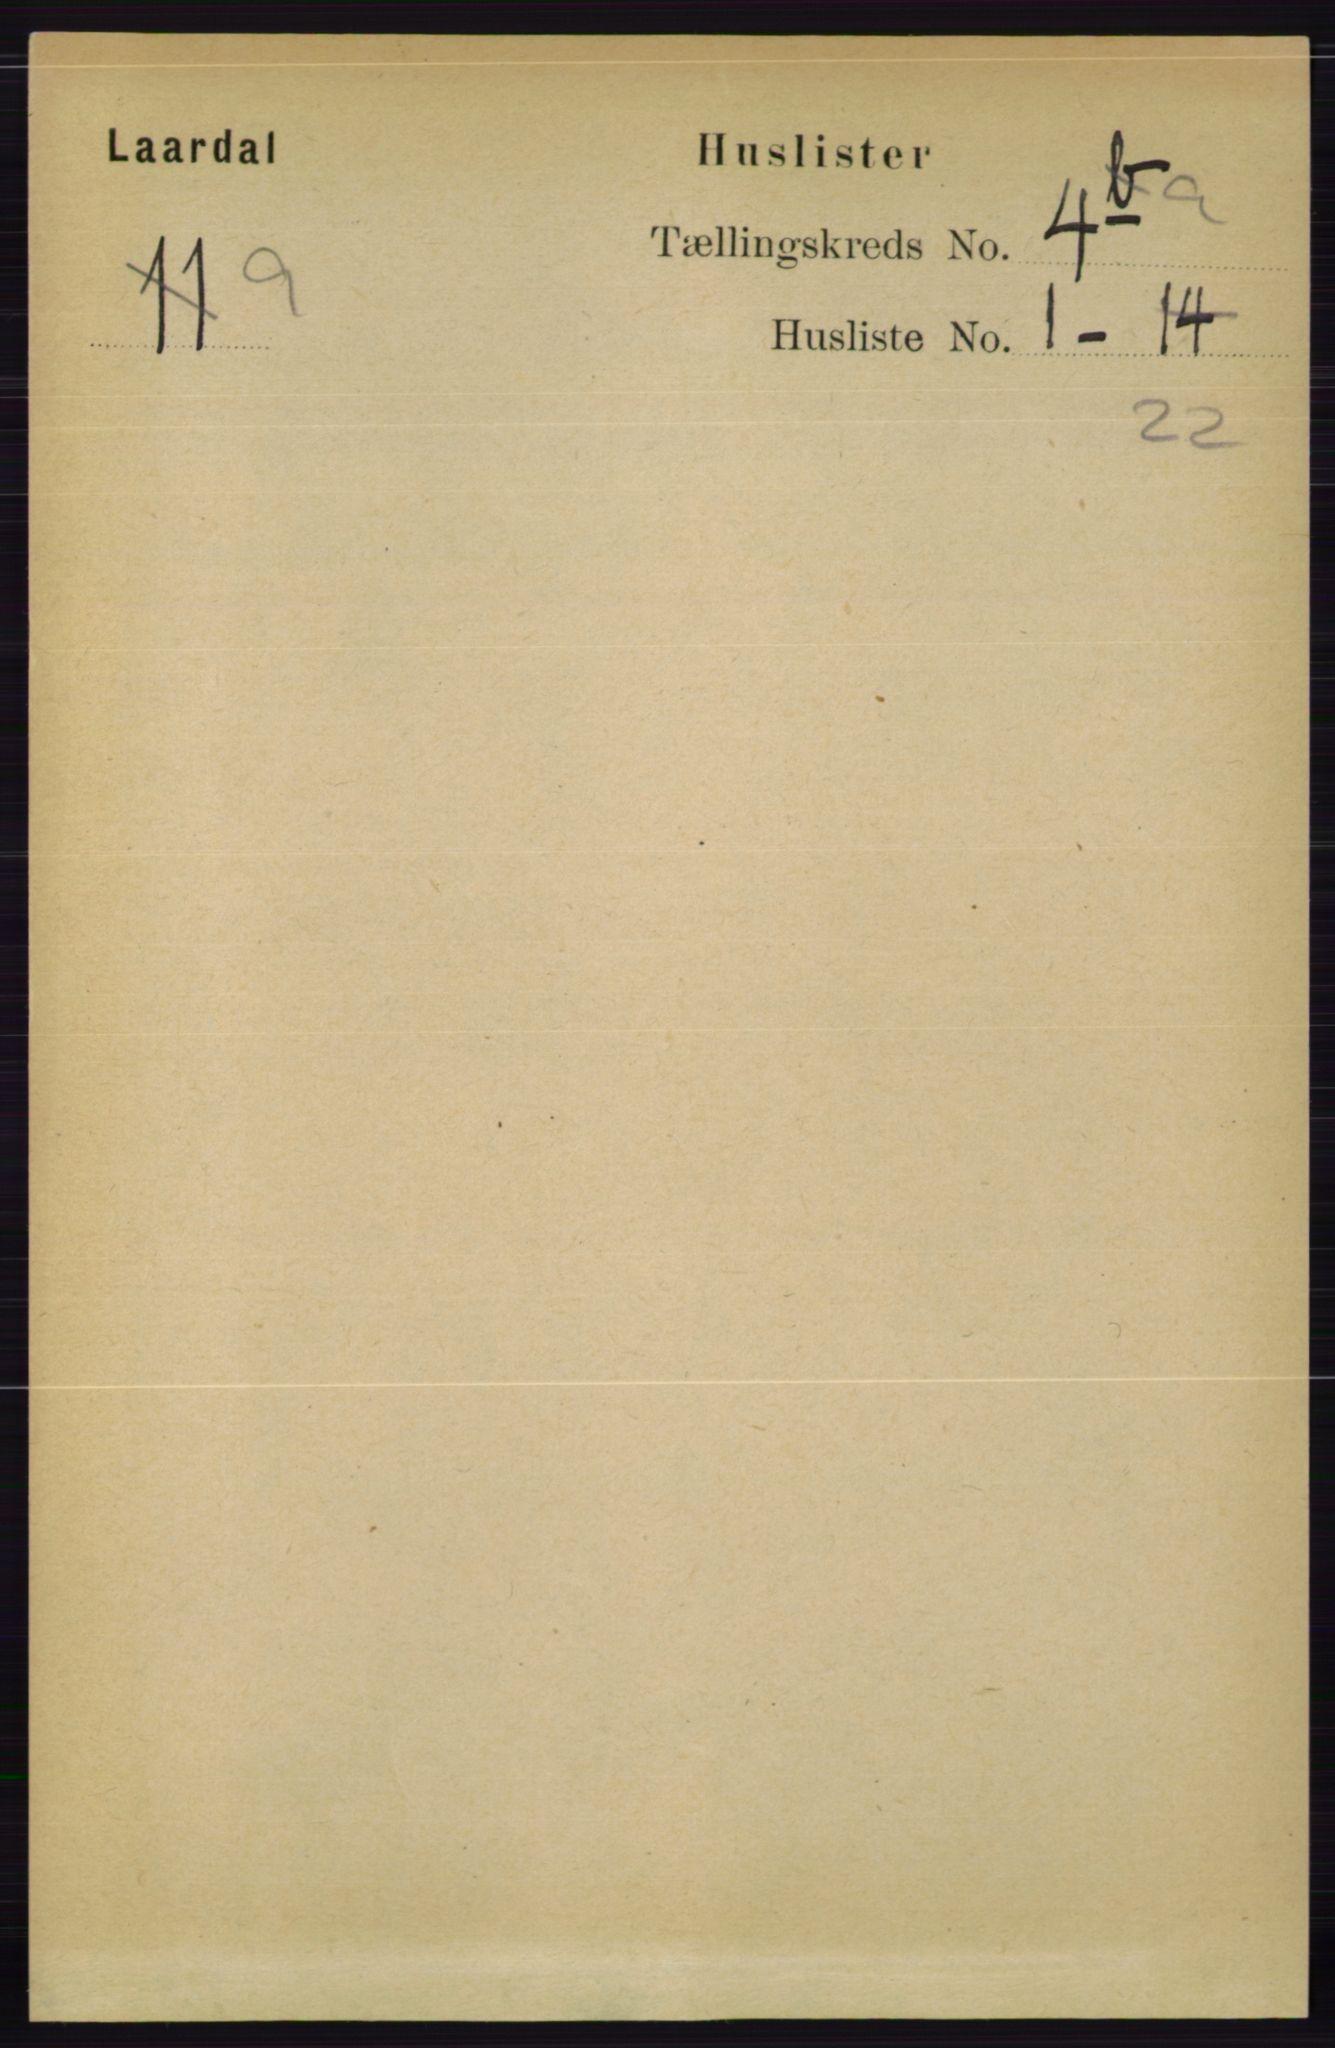 RA, Folketelling 1891 for 0833 Lårdal herred, 1891, s. 1000